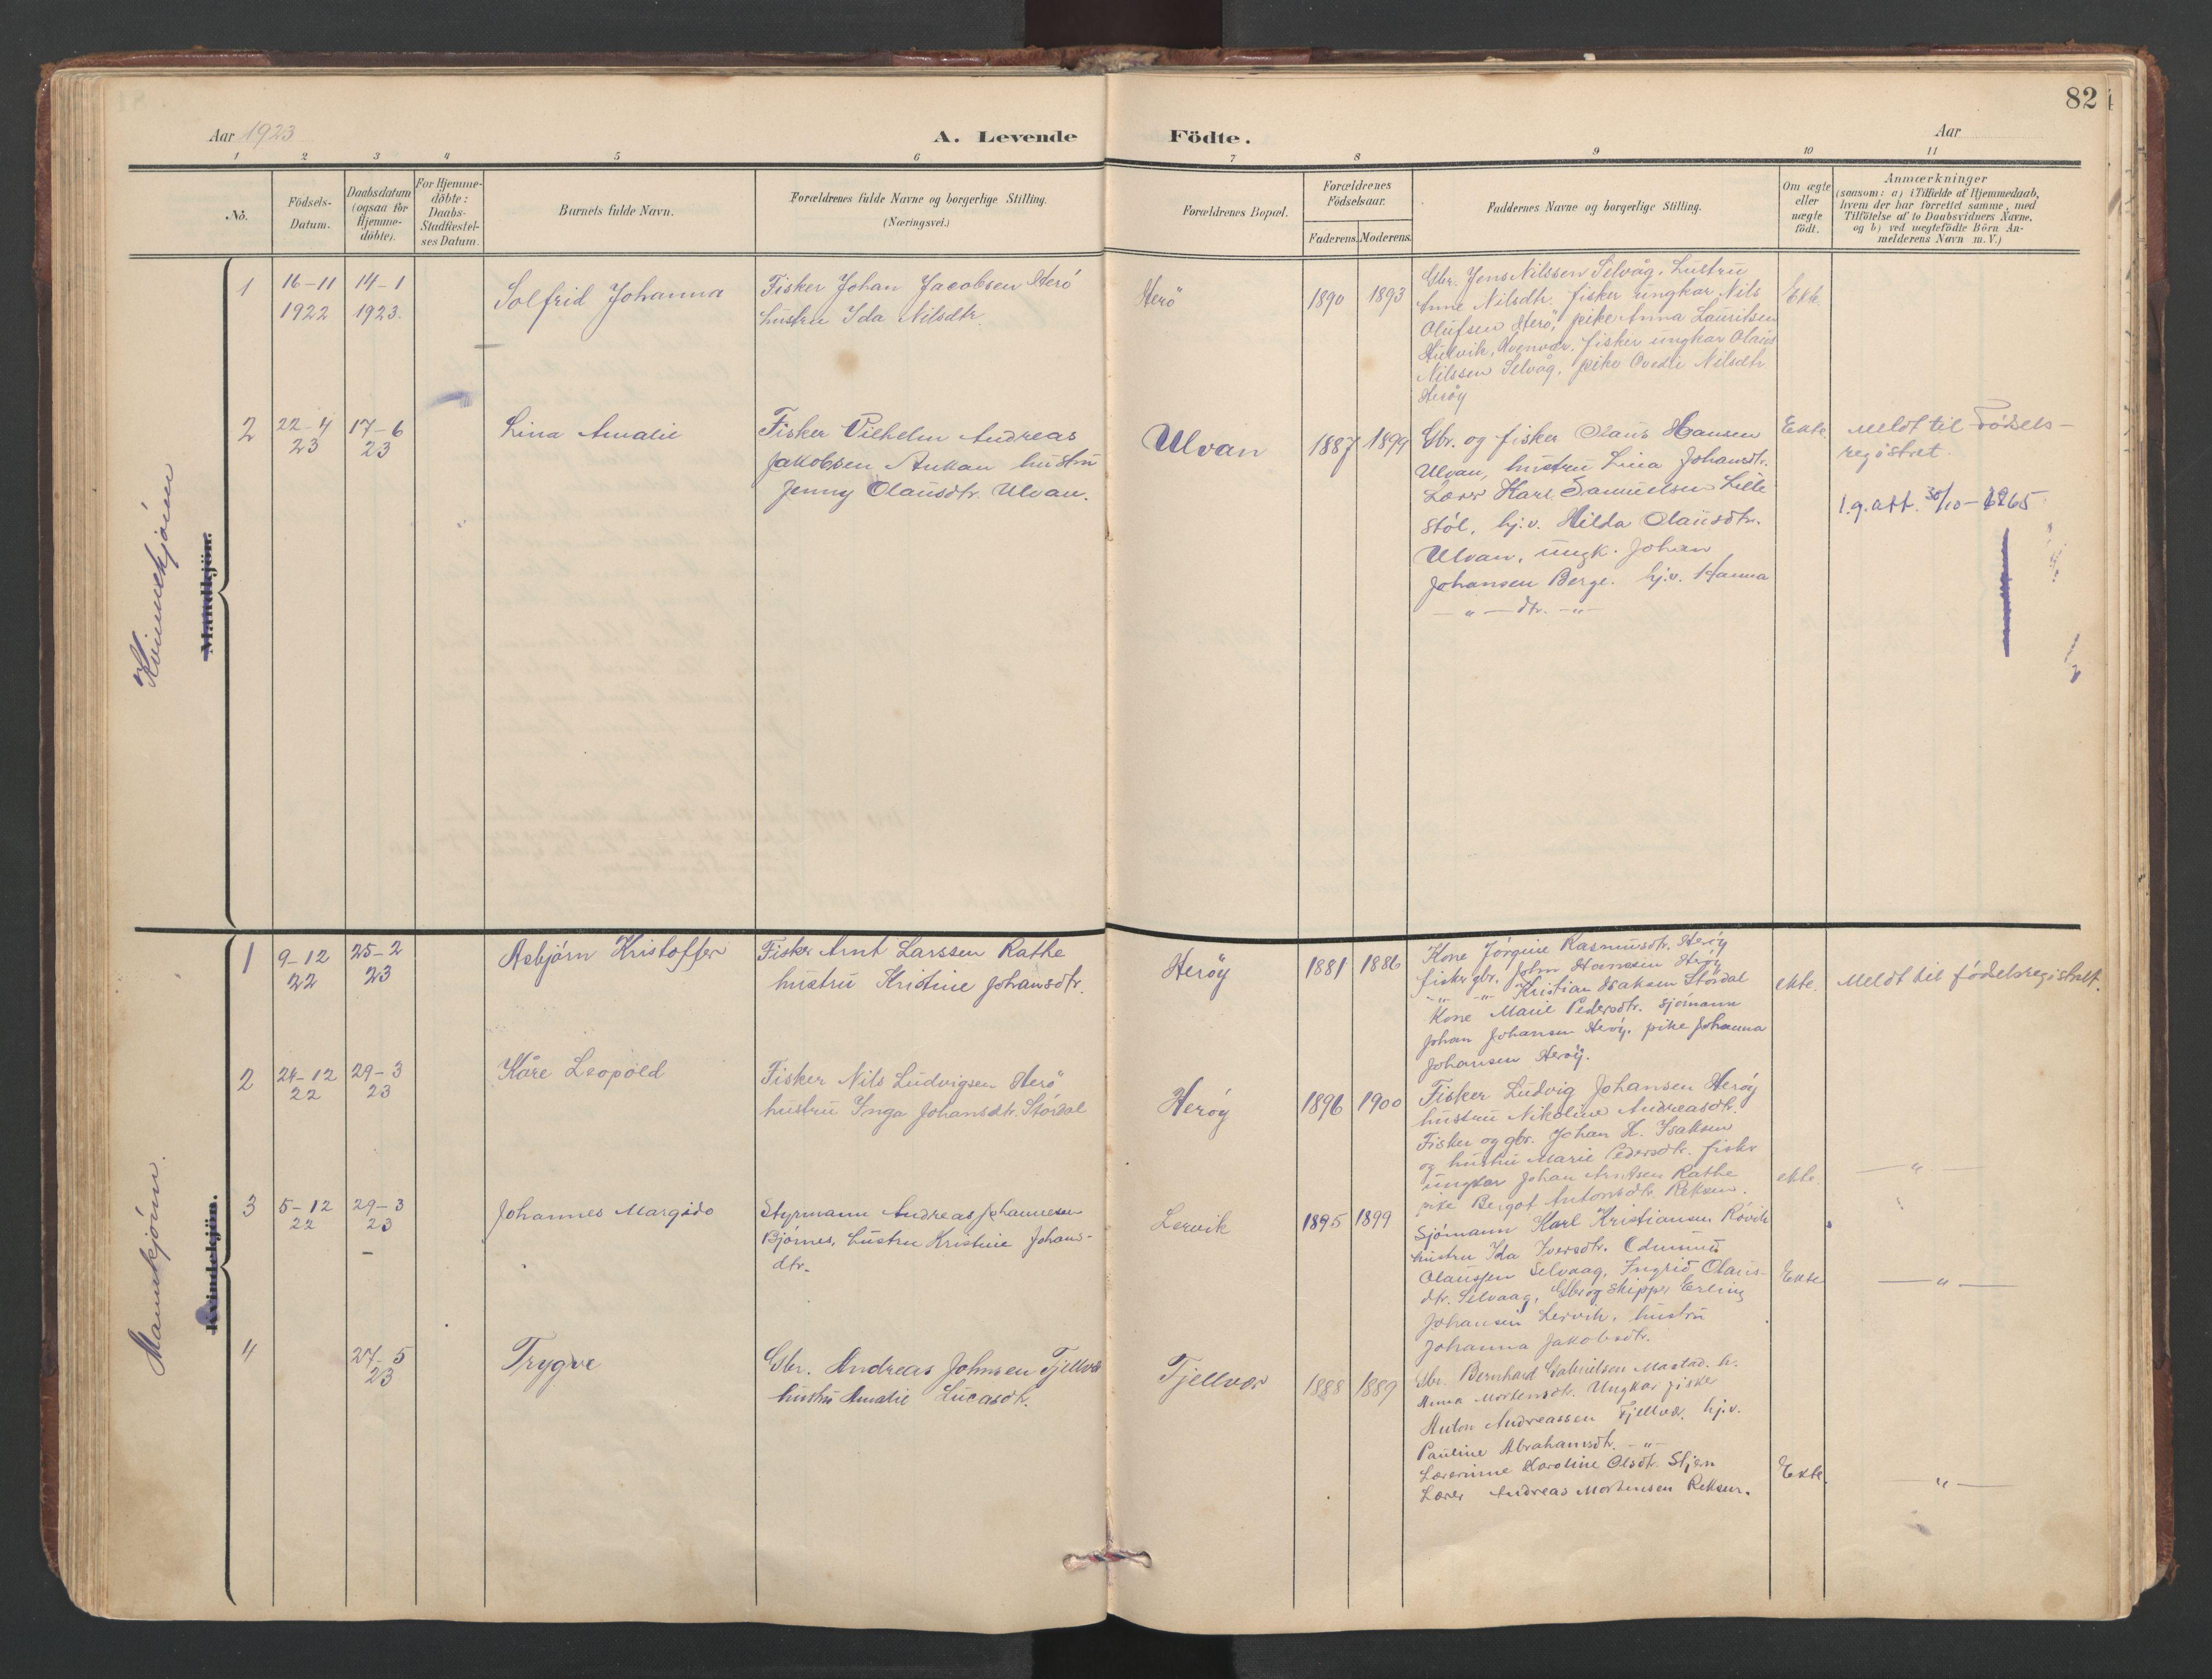 SAT, Ministerialprotokoller, klokkerbøker og fødselsregistre - Sør-Trøndelag, 638/L0571: Klokkerbok nr. 638C03, 1901-1930, s. 82